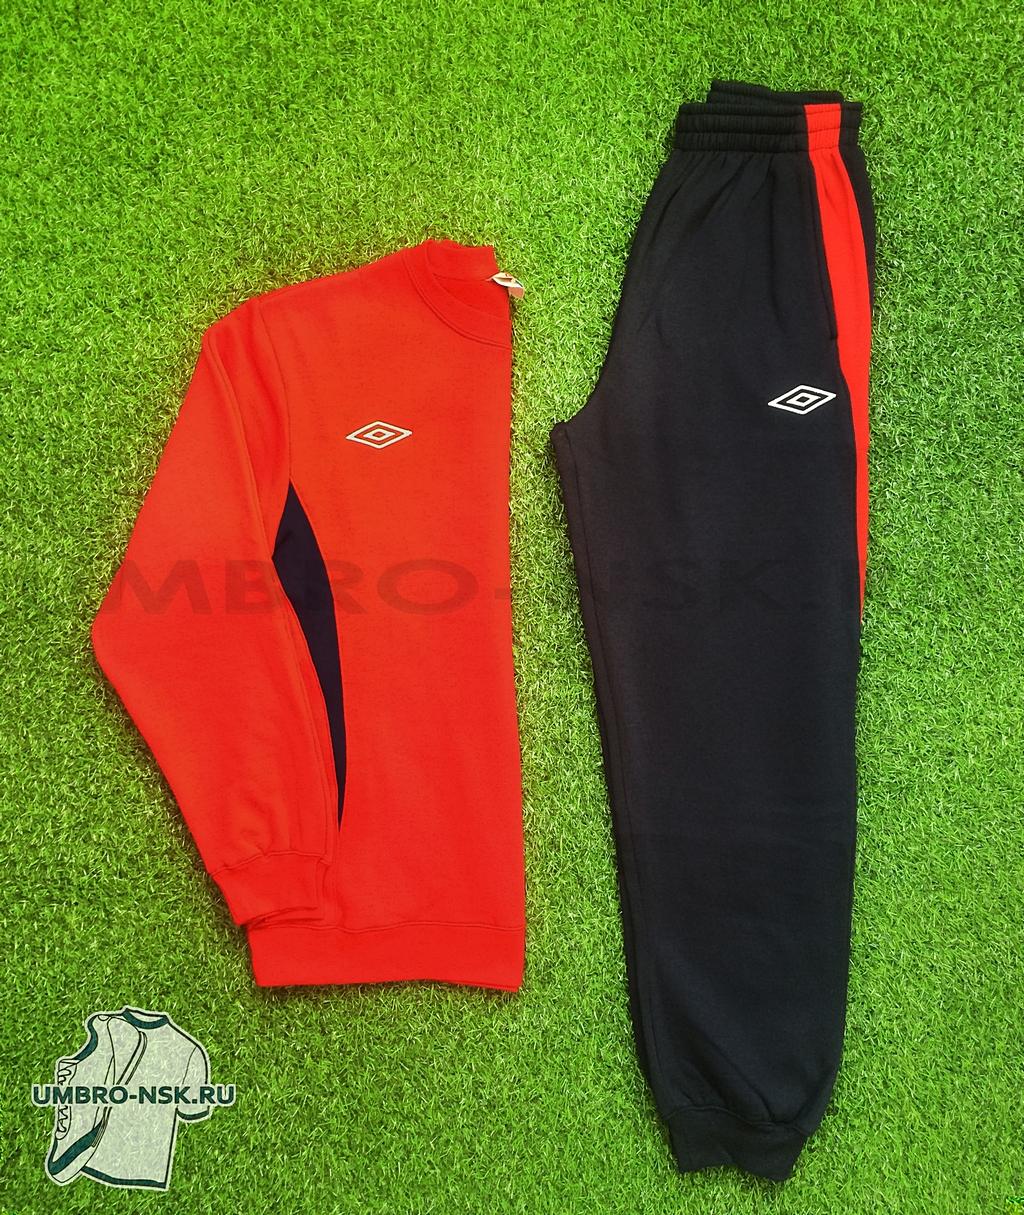 Umbro TT Cotton Suit 353011